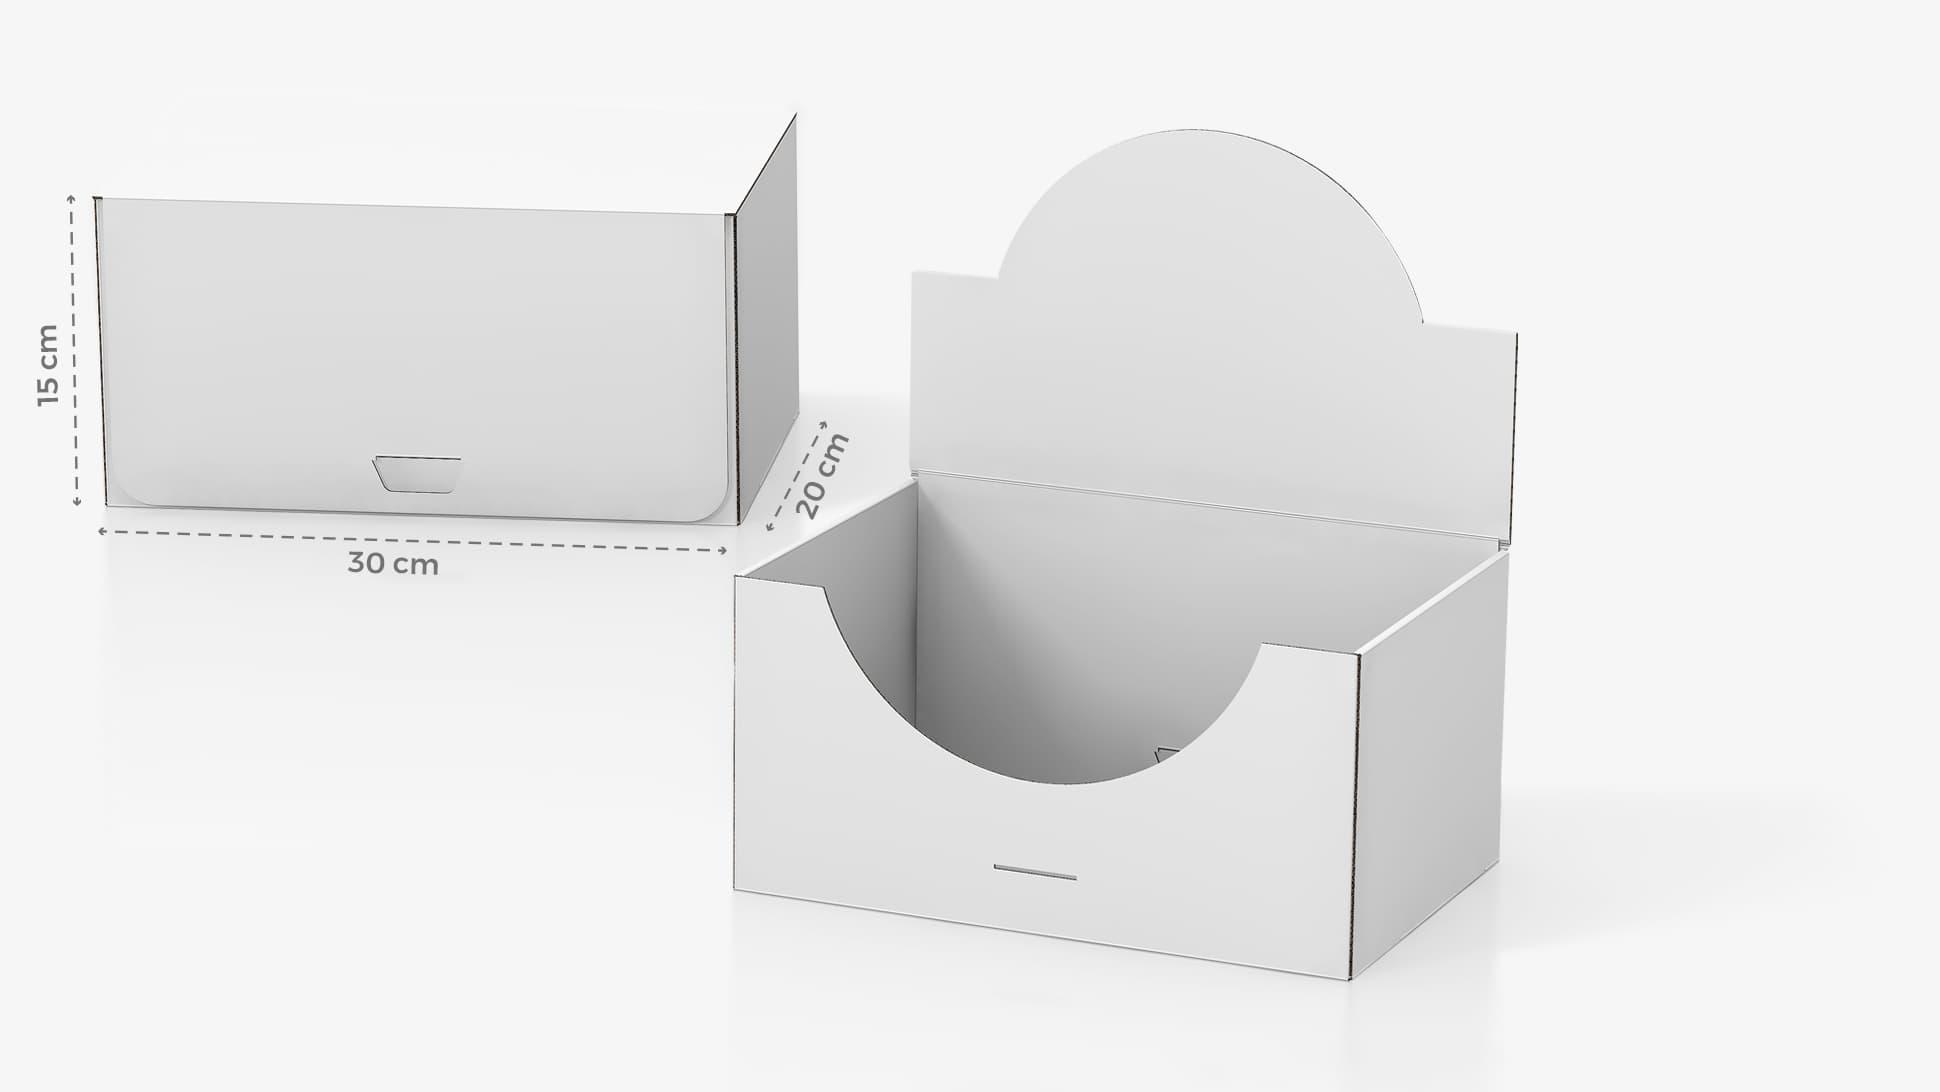 Scatola in cartone 30x15x20 cm personalizzabile | tictac.it